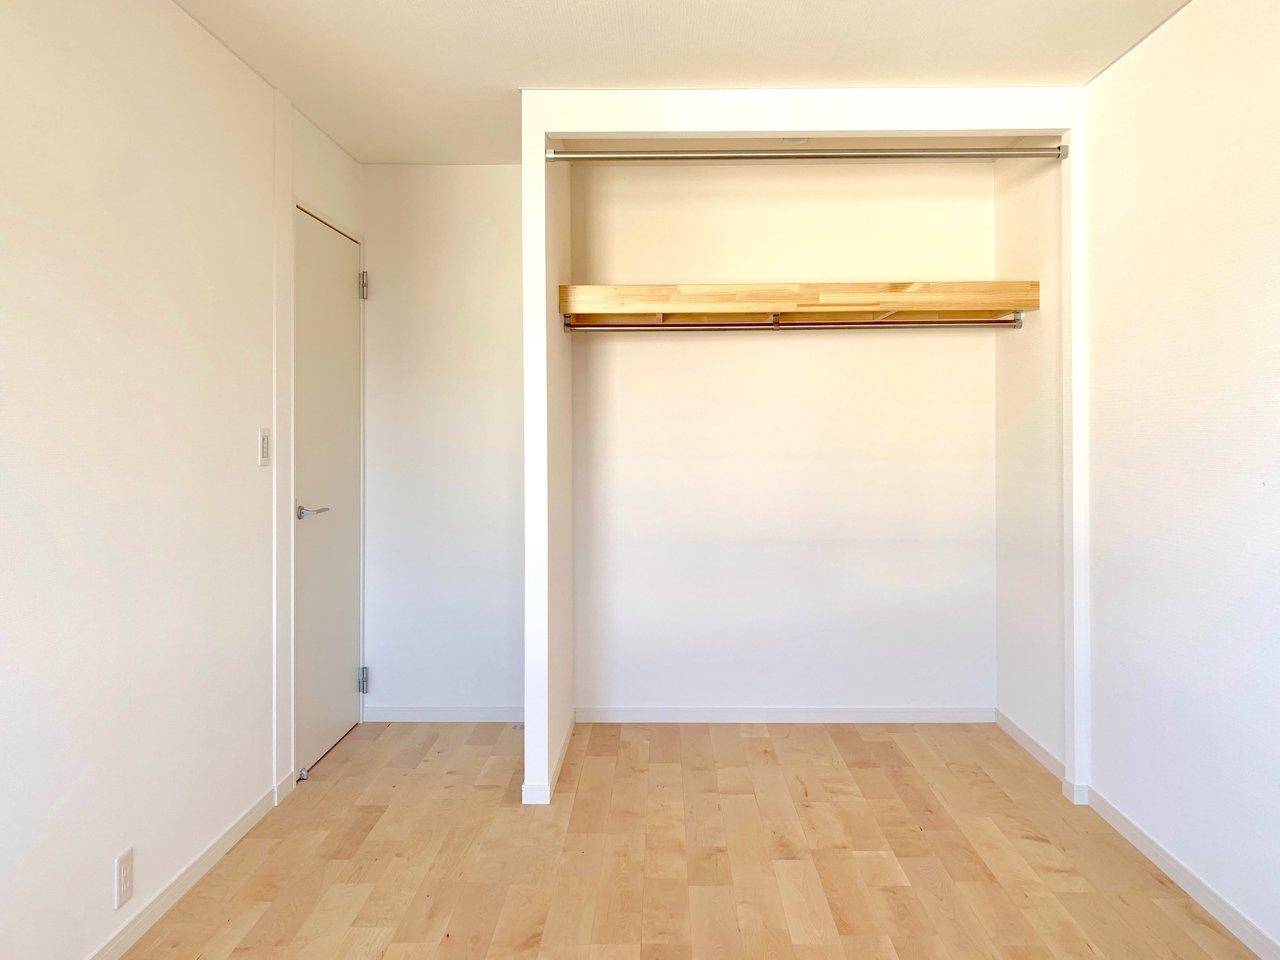 6畳以上の寝室が2つついて、ゆったりと暮らせるお部屋になっていますよ。